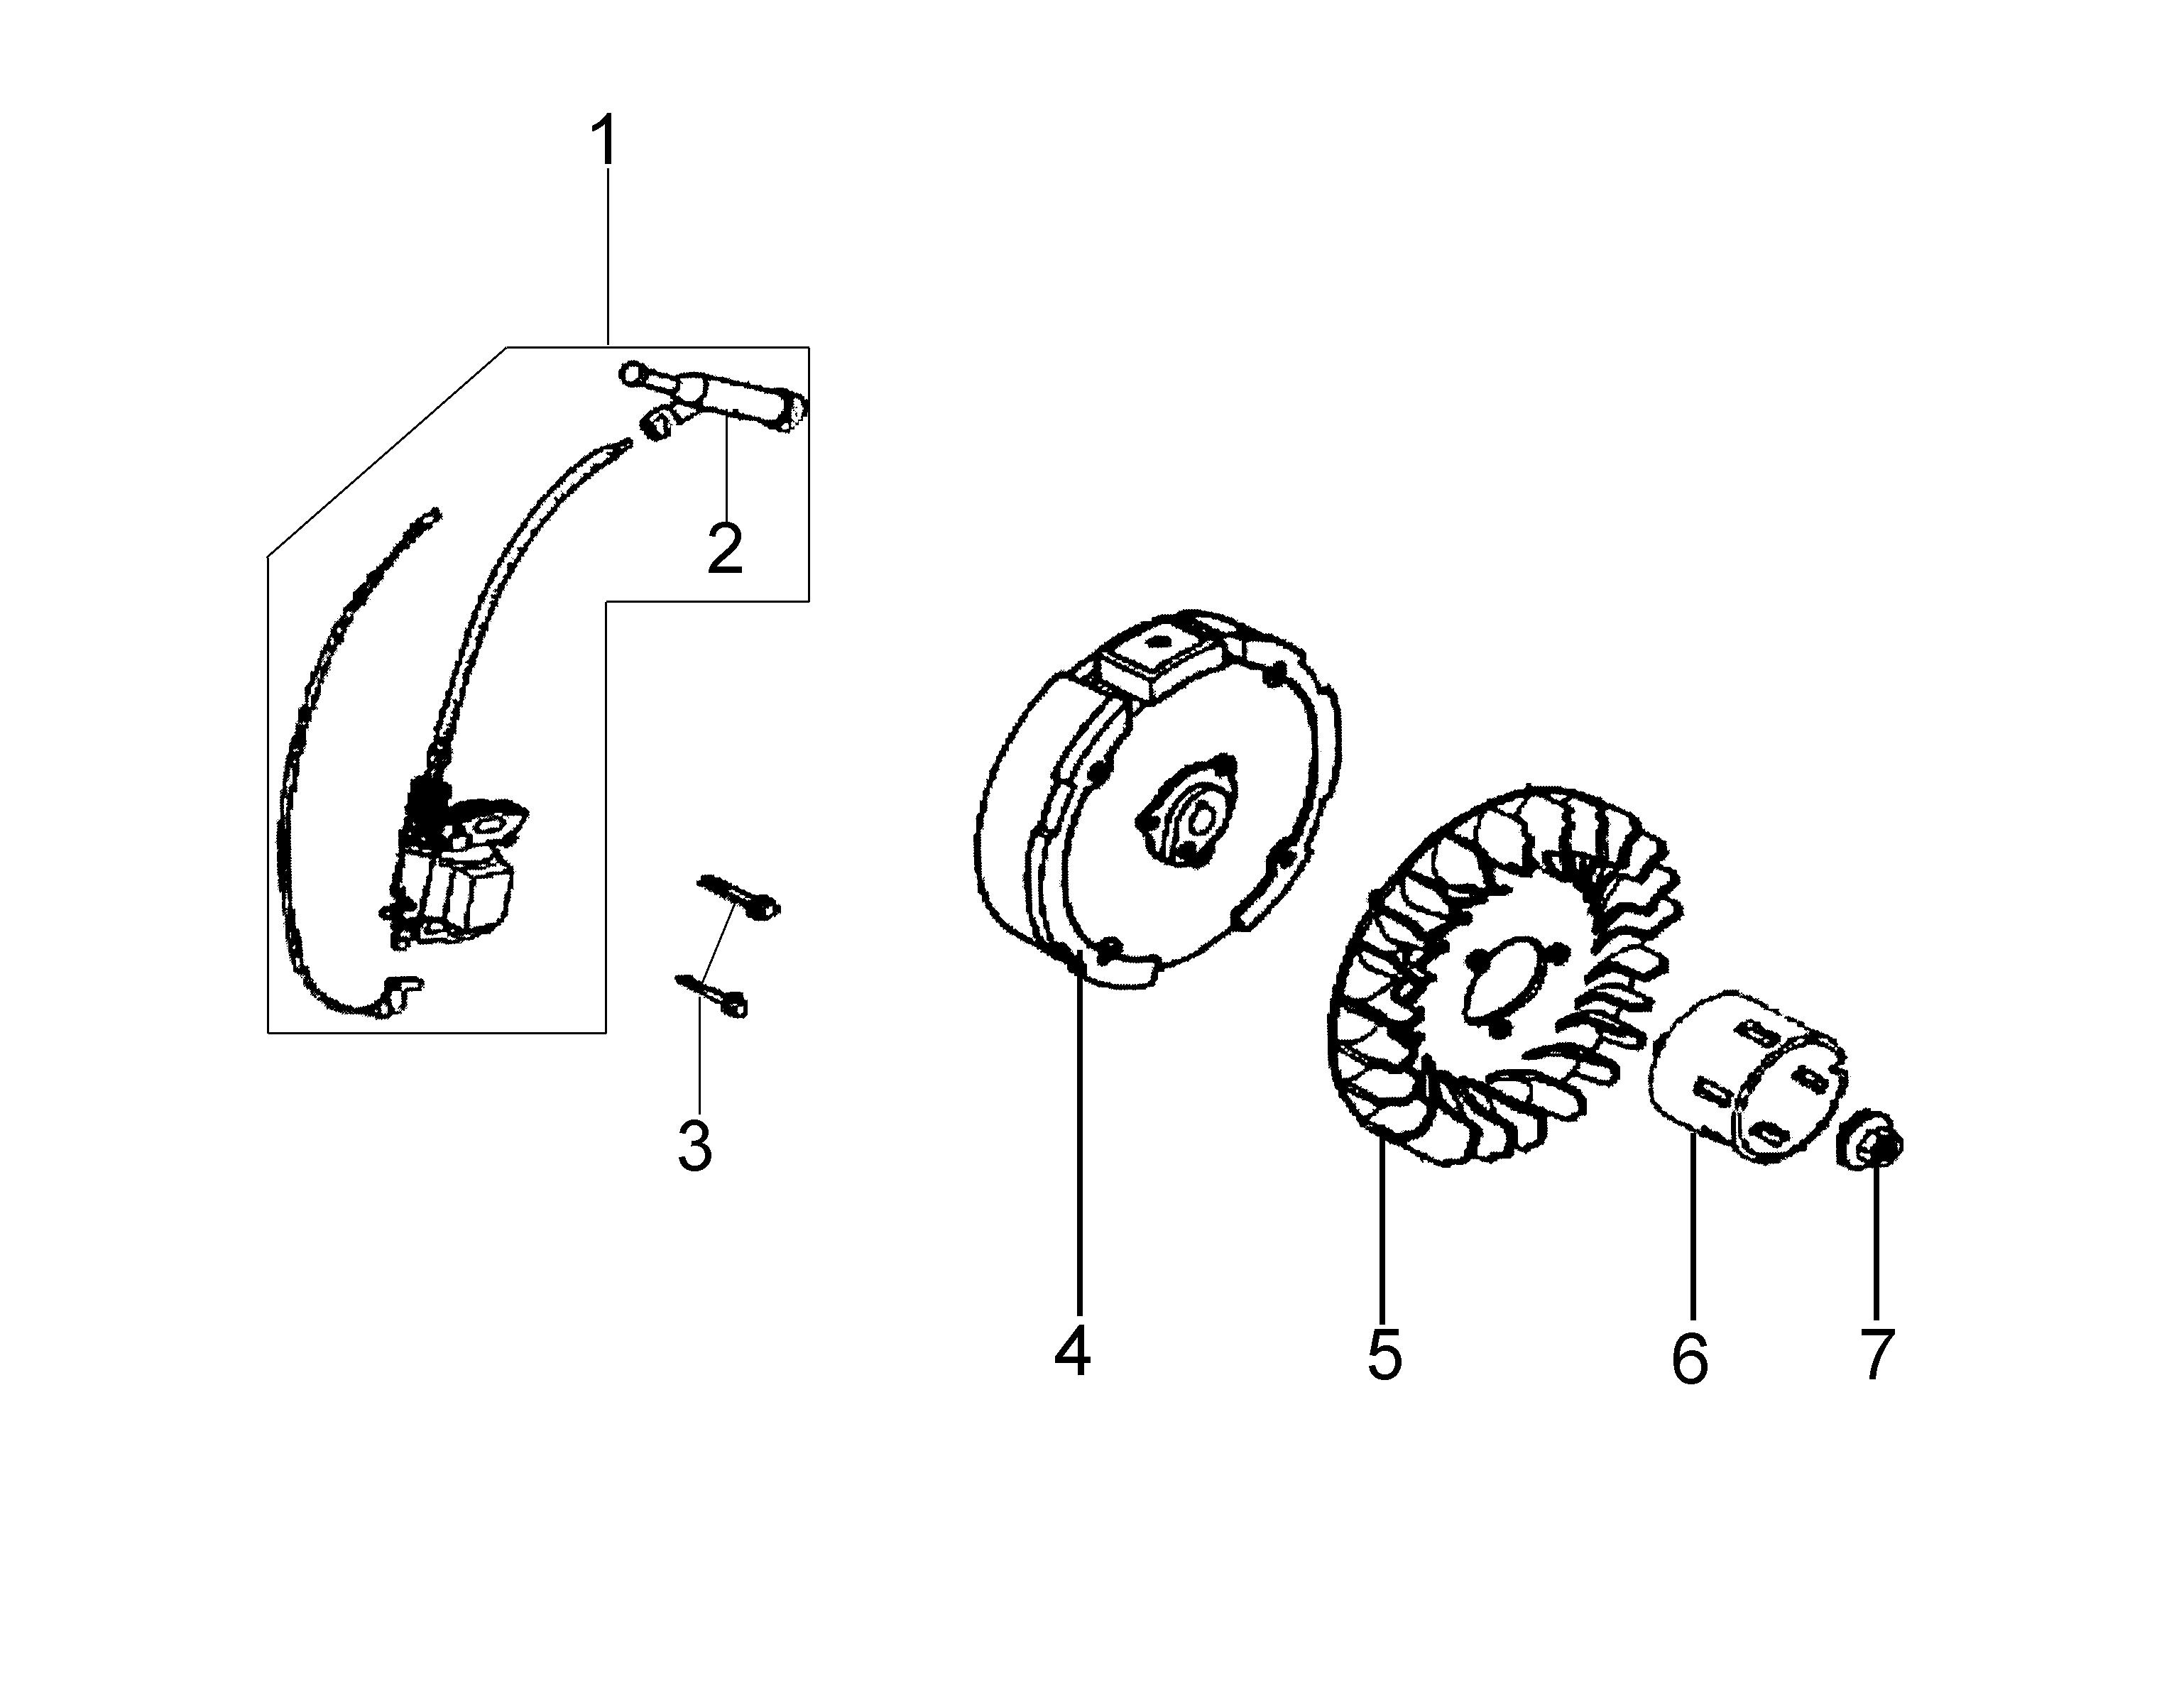 MH 180R - MH 180RK (K700 H) (EN709) Motobineuse oleomac Dessins pièces vue éclatée Volant et bobine